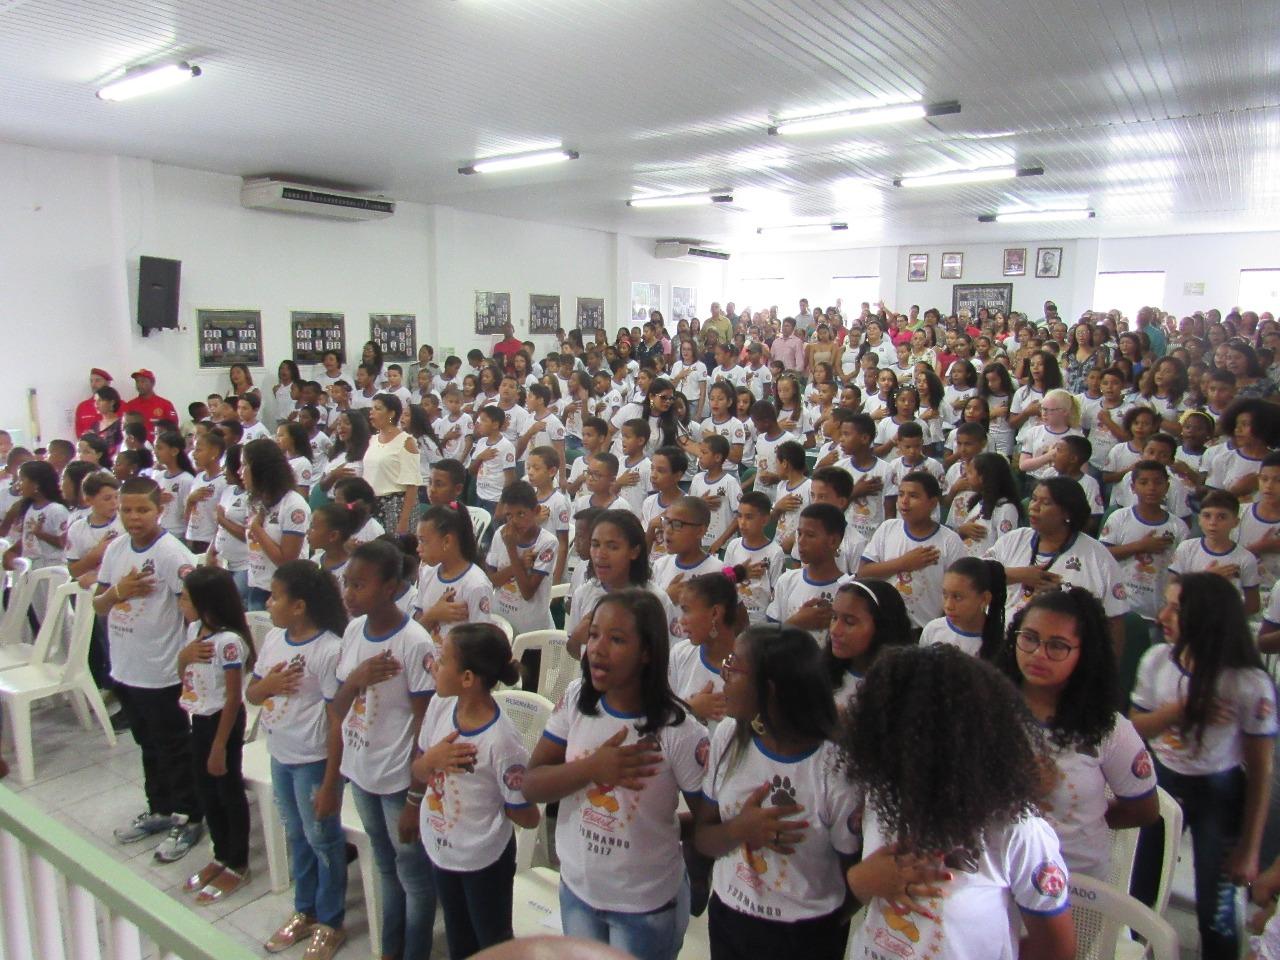 Prefeitura e Polícia Militar realizam formatura do Proerd em Boa Vista do Tupim